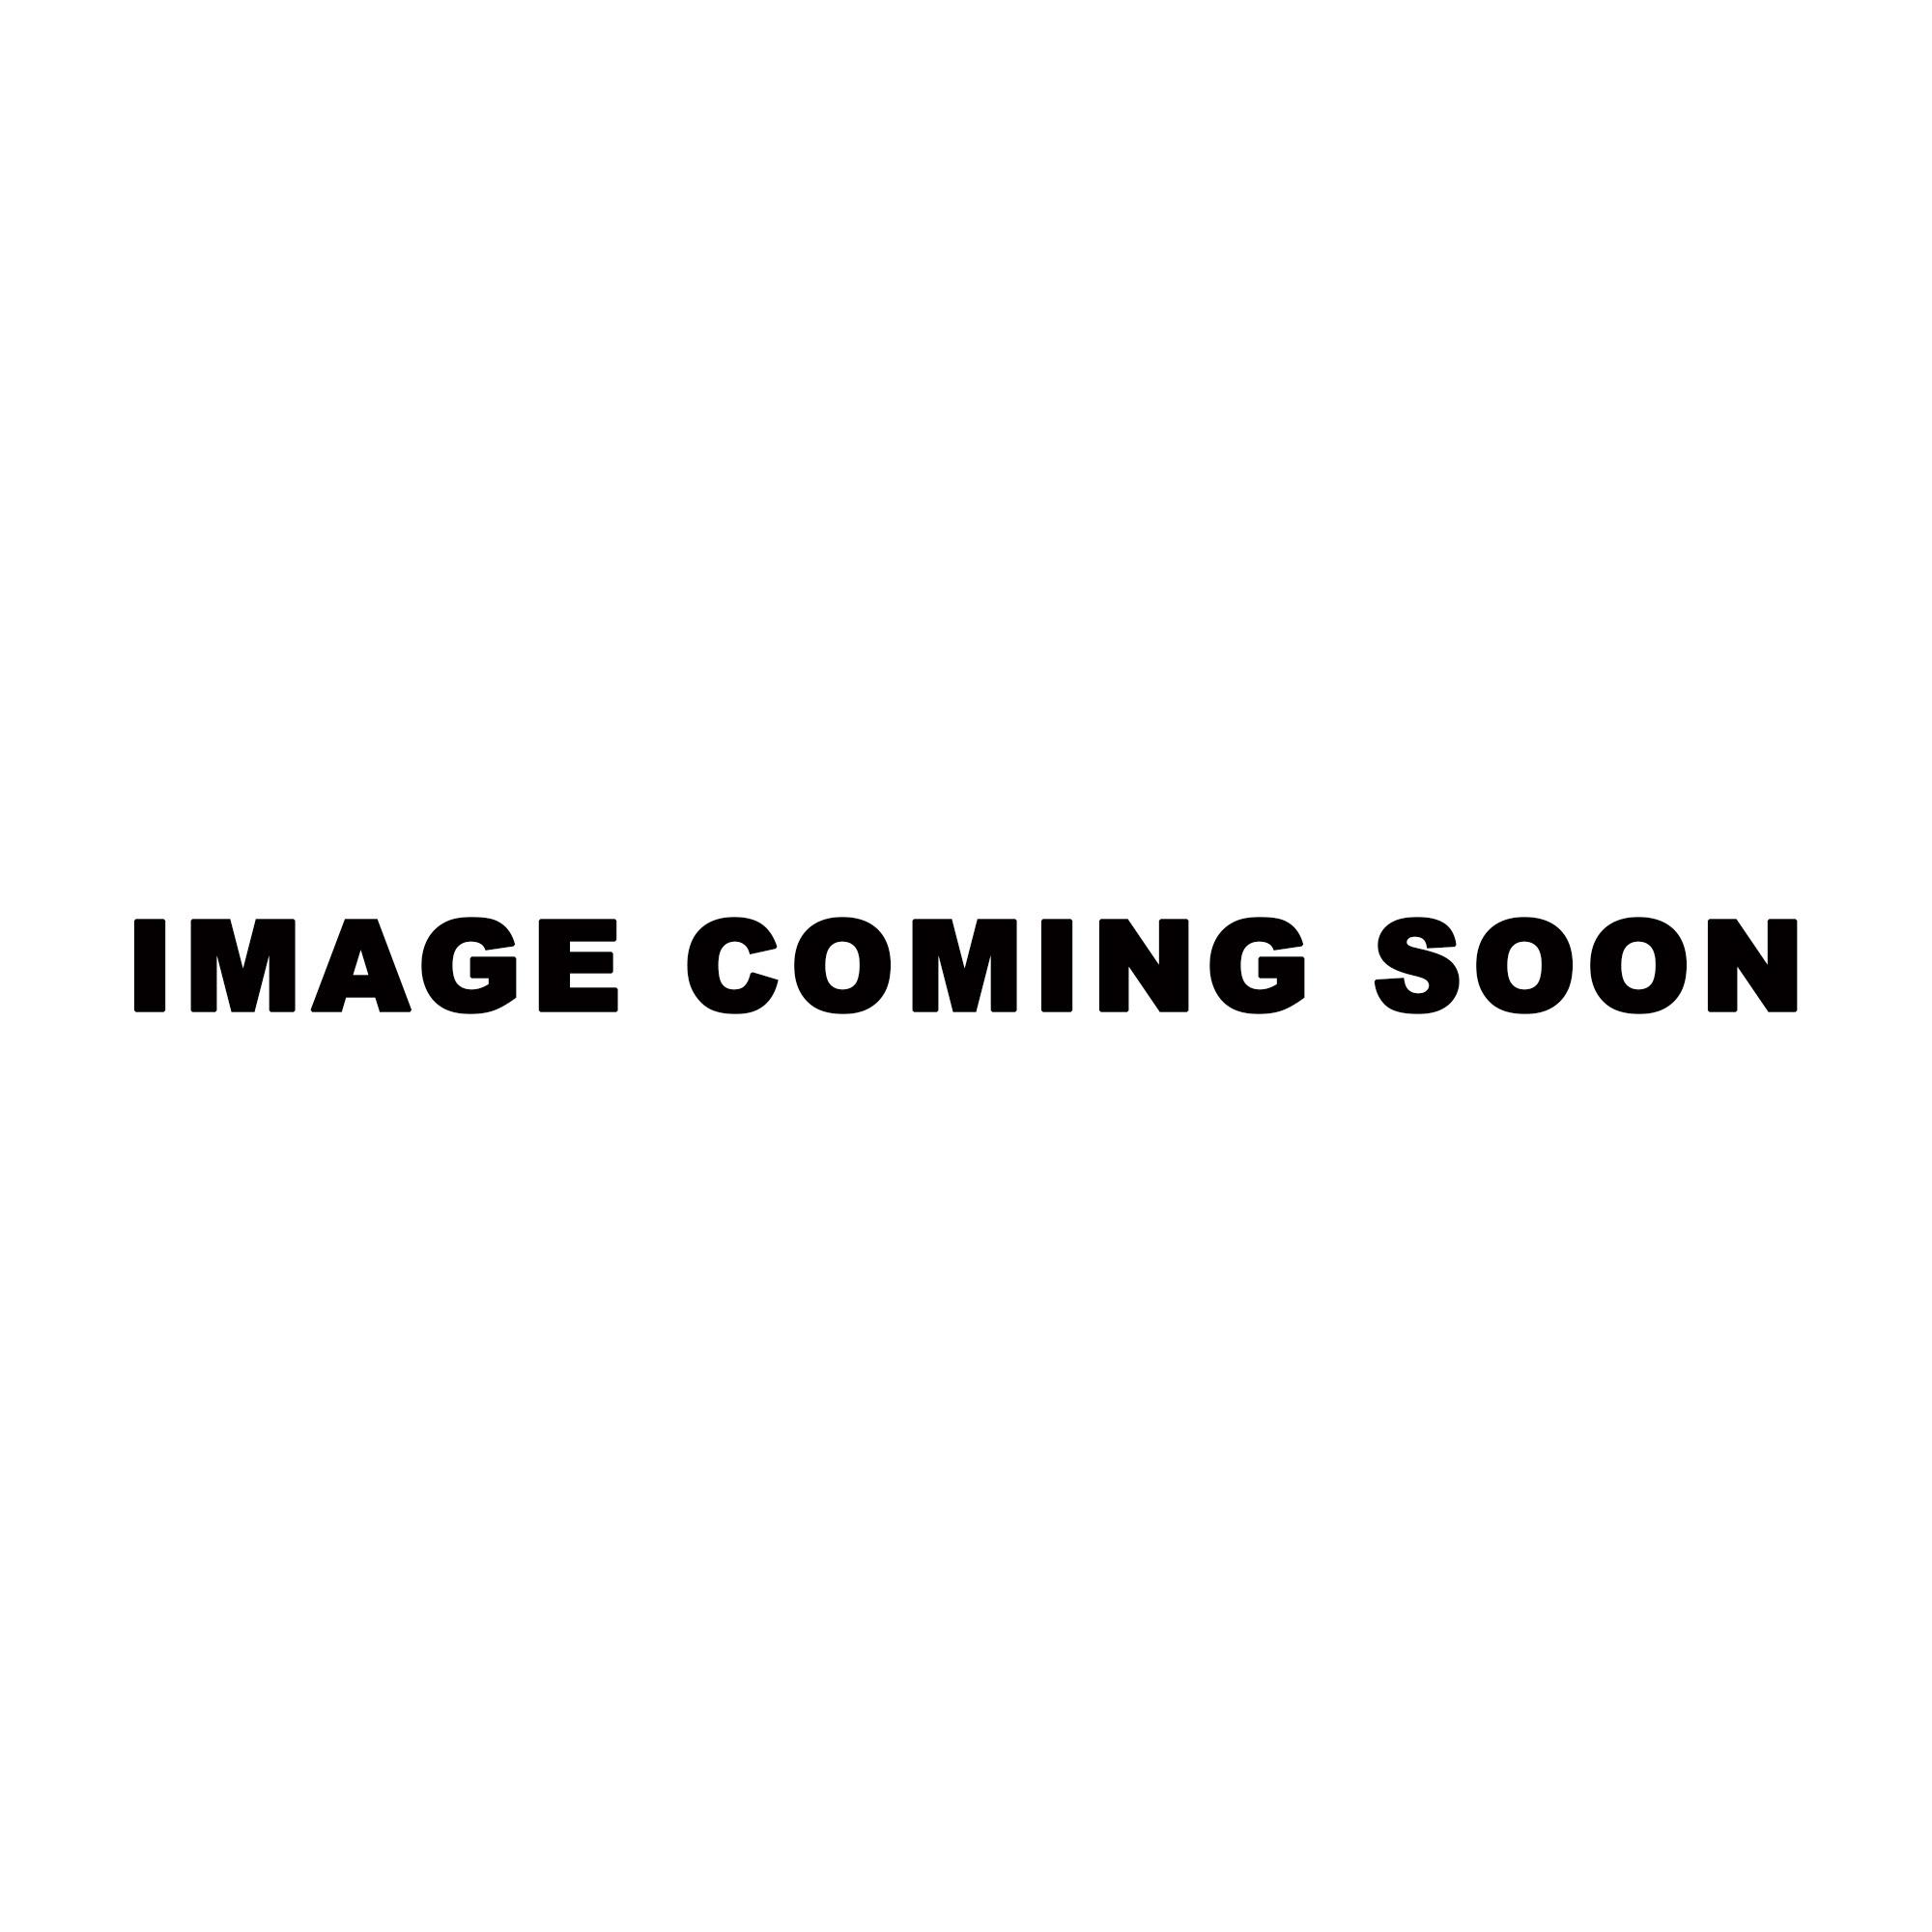 throwback houston astros logo. Houston Astros Throwback